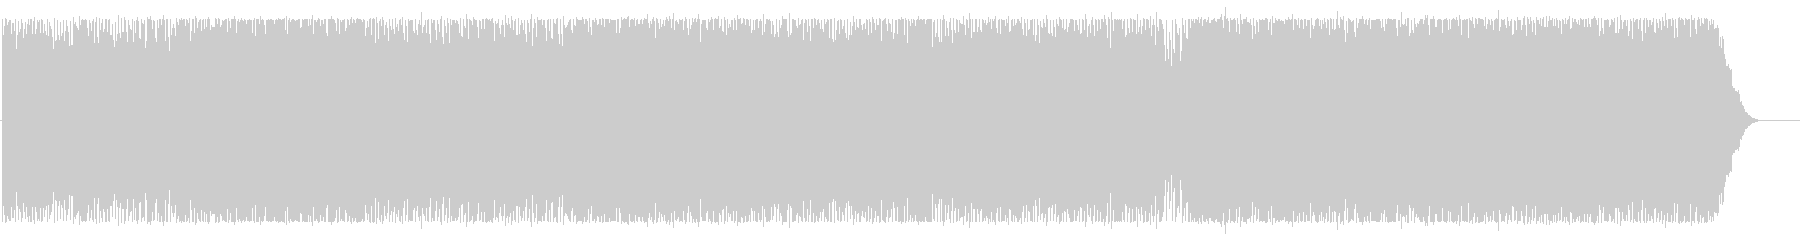 爽やかで明るいイメージのBGMの未再生の波形